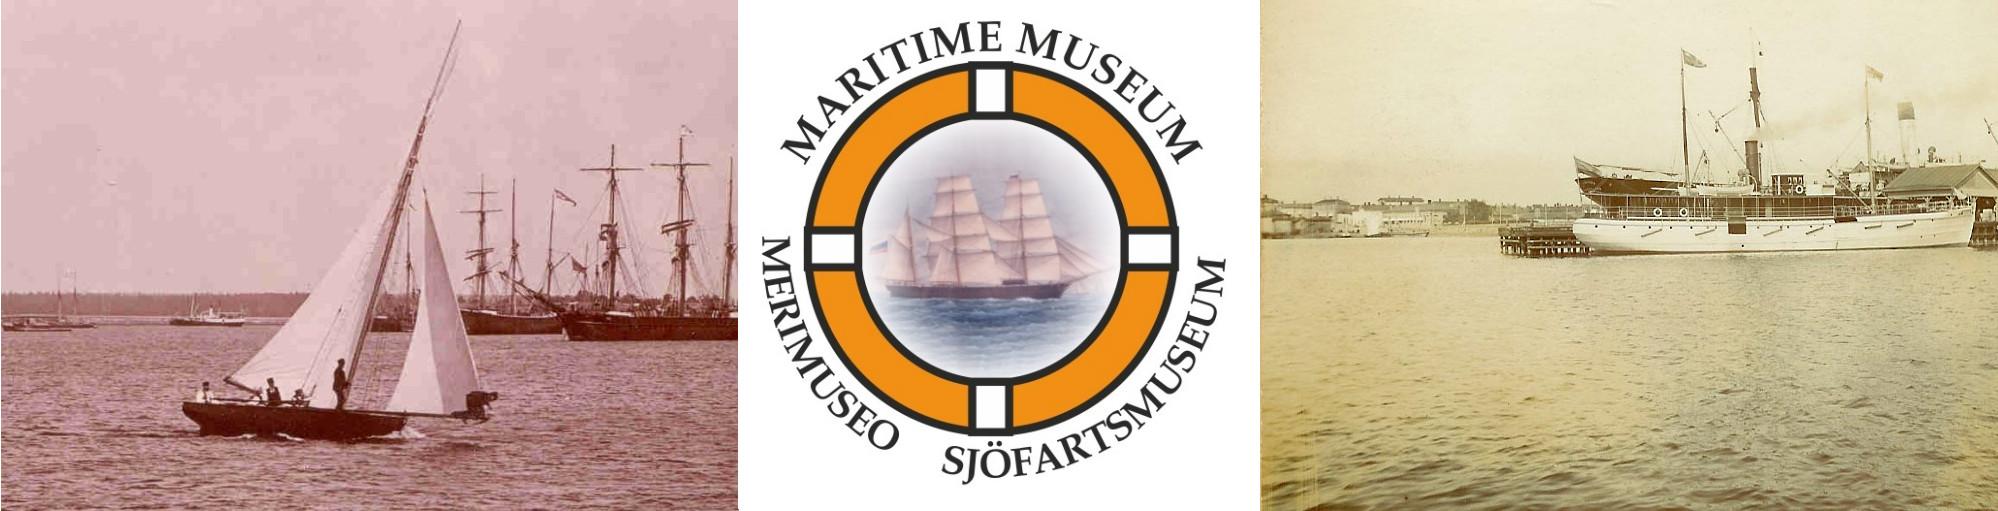 Kristinestads Sjöfartsmuseum – Kristiinankaupungin Merimuseo